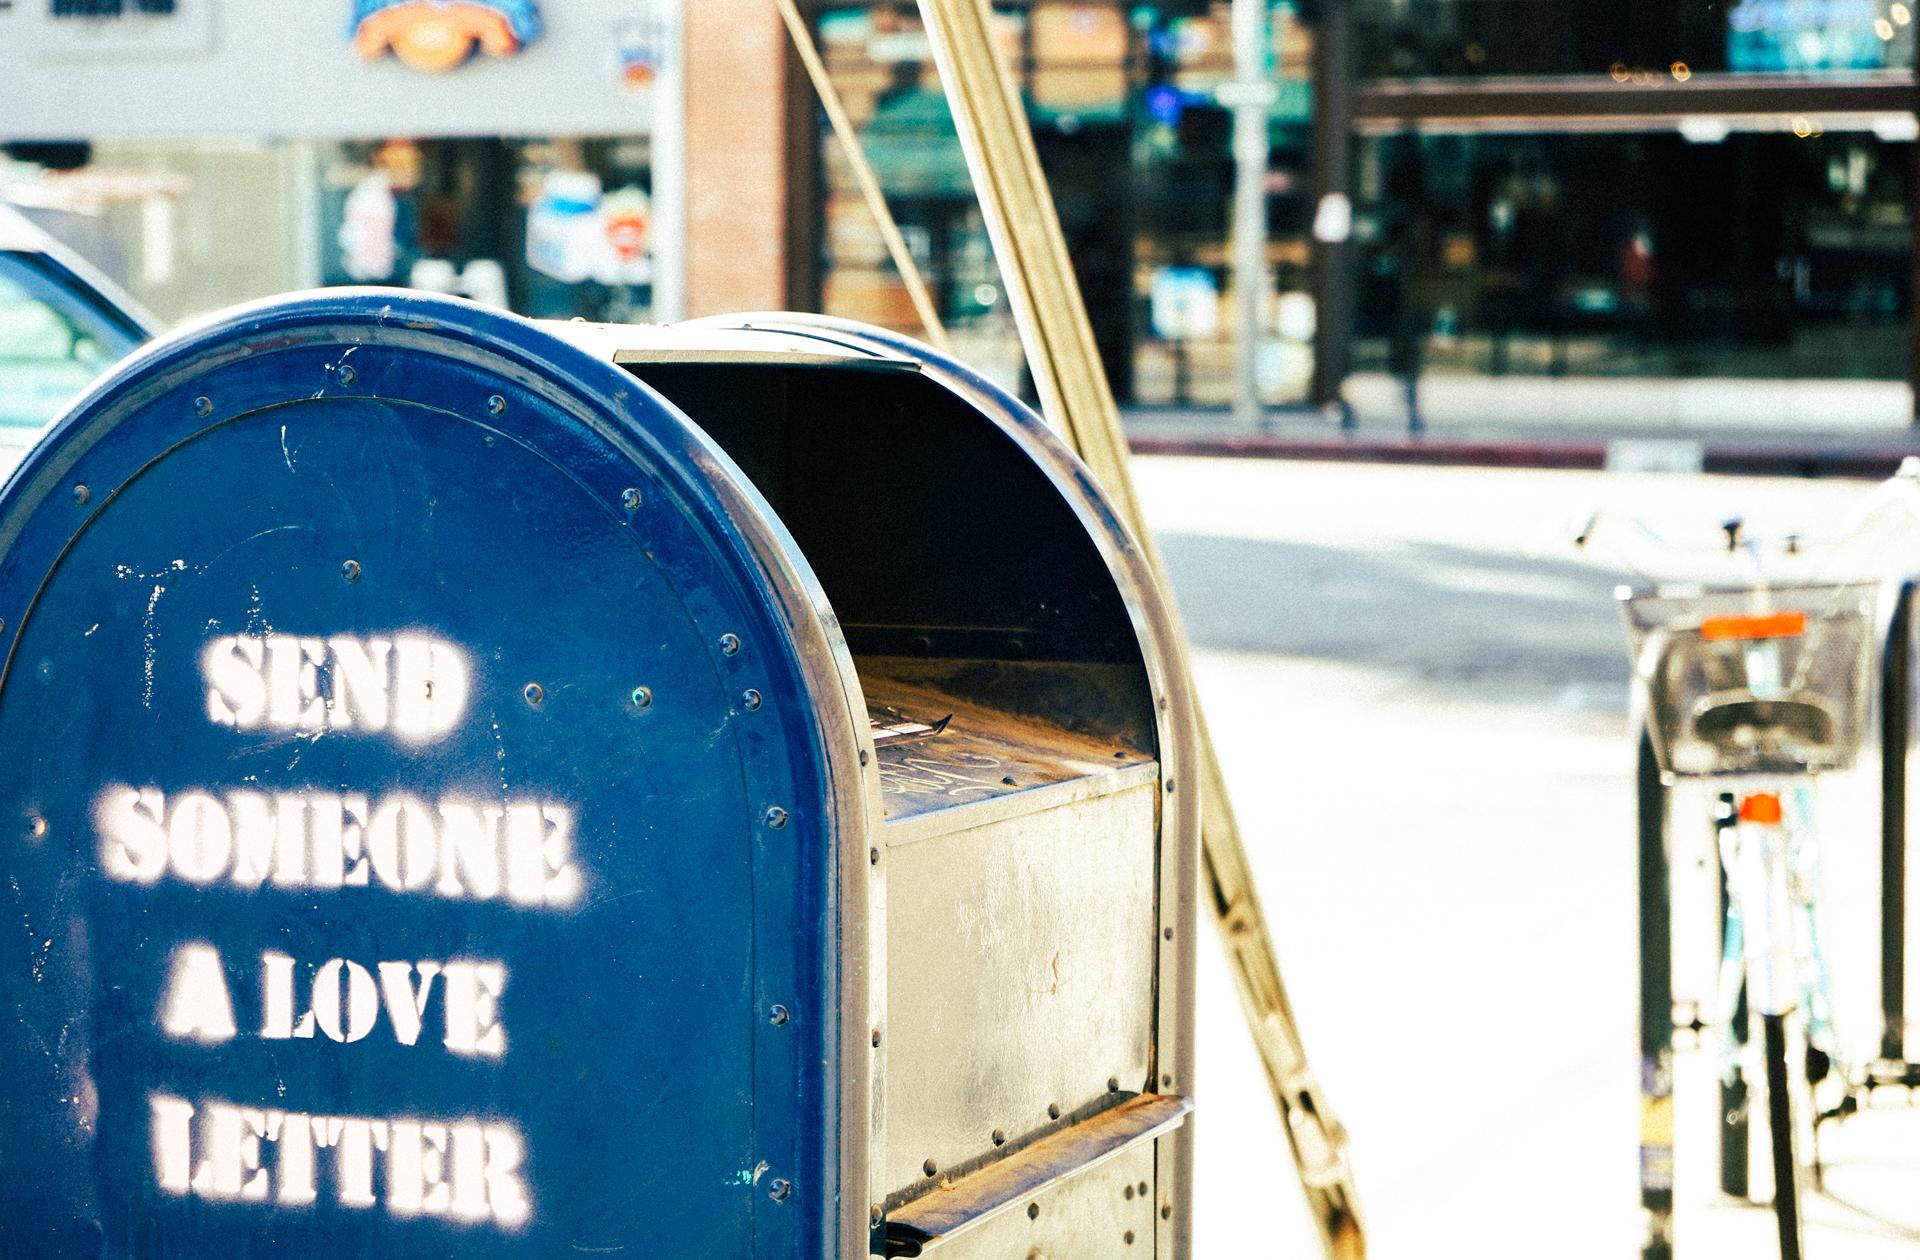 Help de postbode verdwijnt…